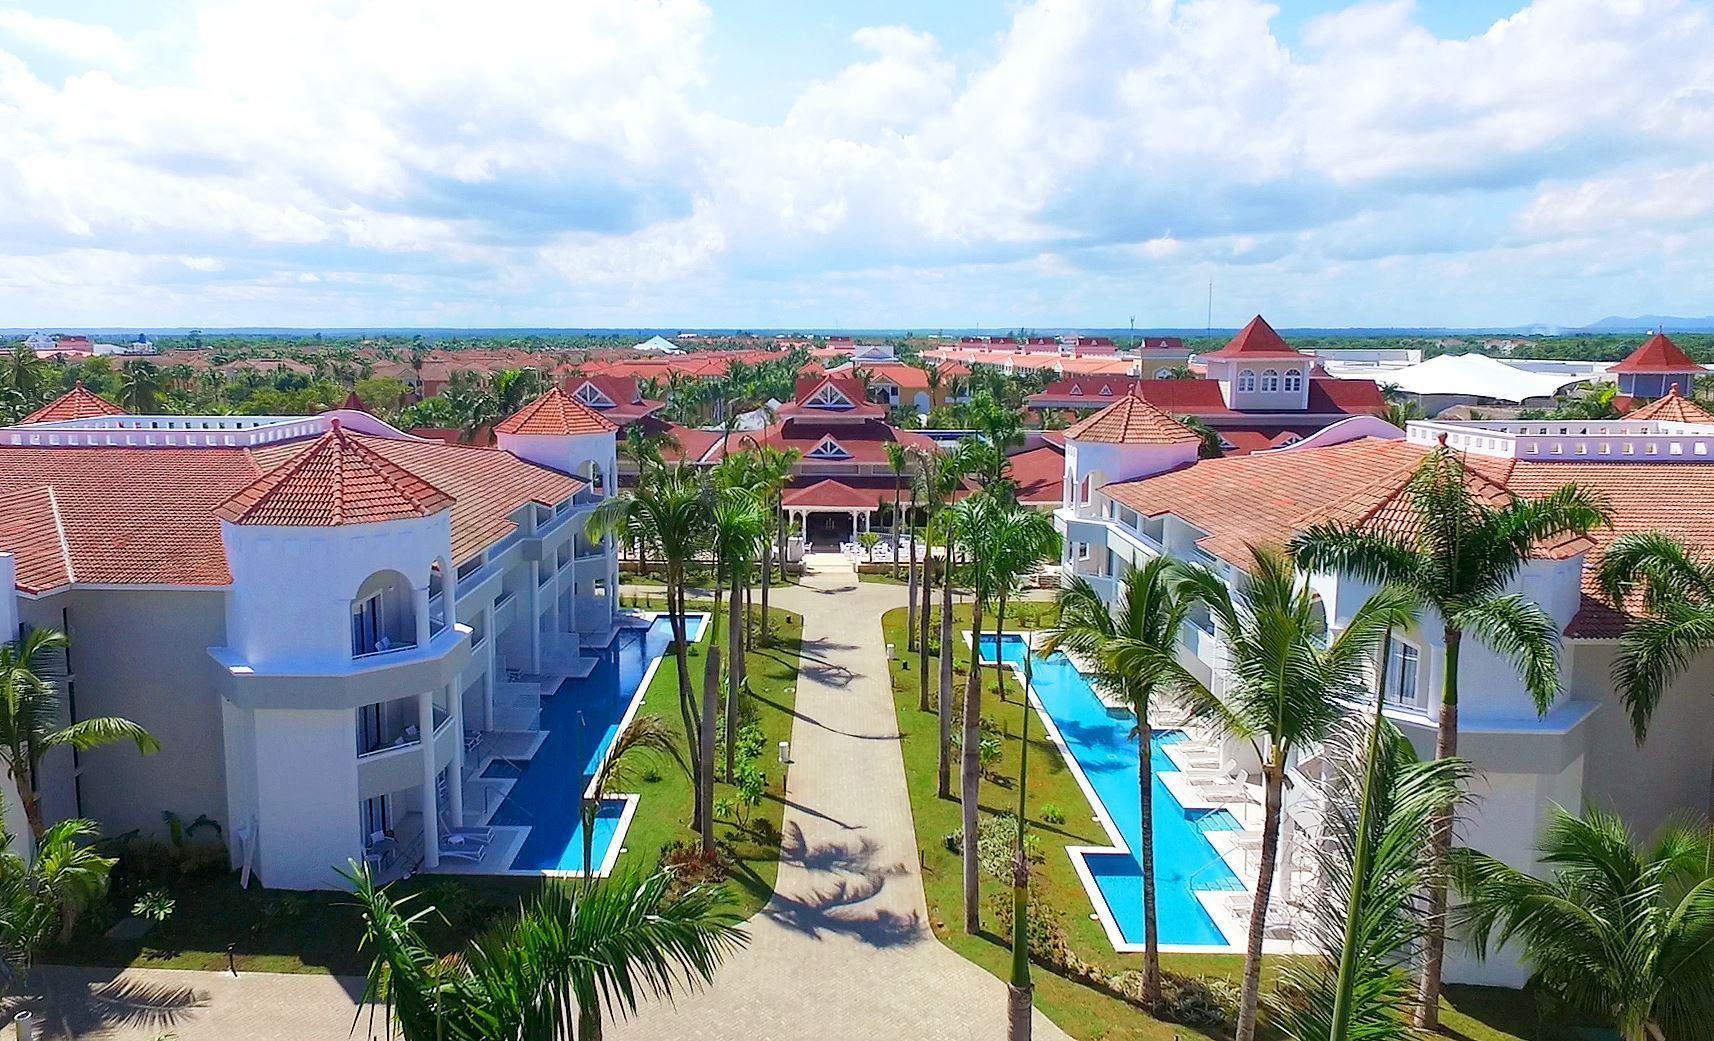 Доминиканская республика. Скидки до 58% на проживание в отеле Bahia Principe Luxury Ambar 5*